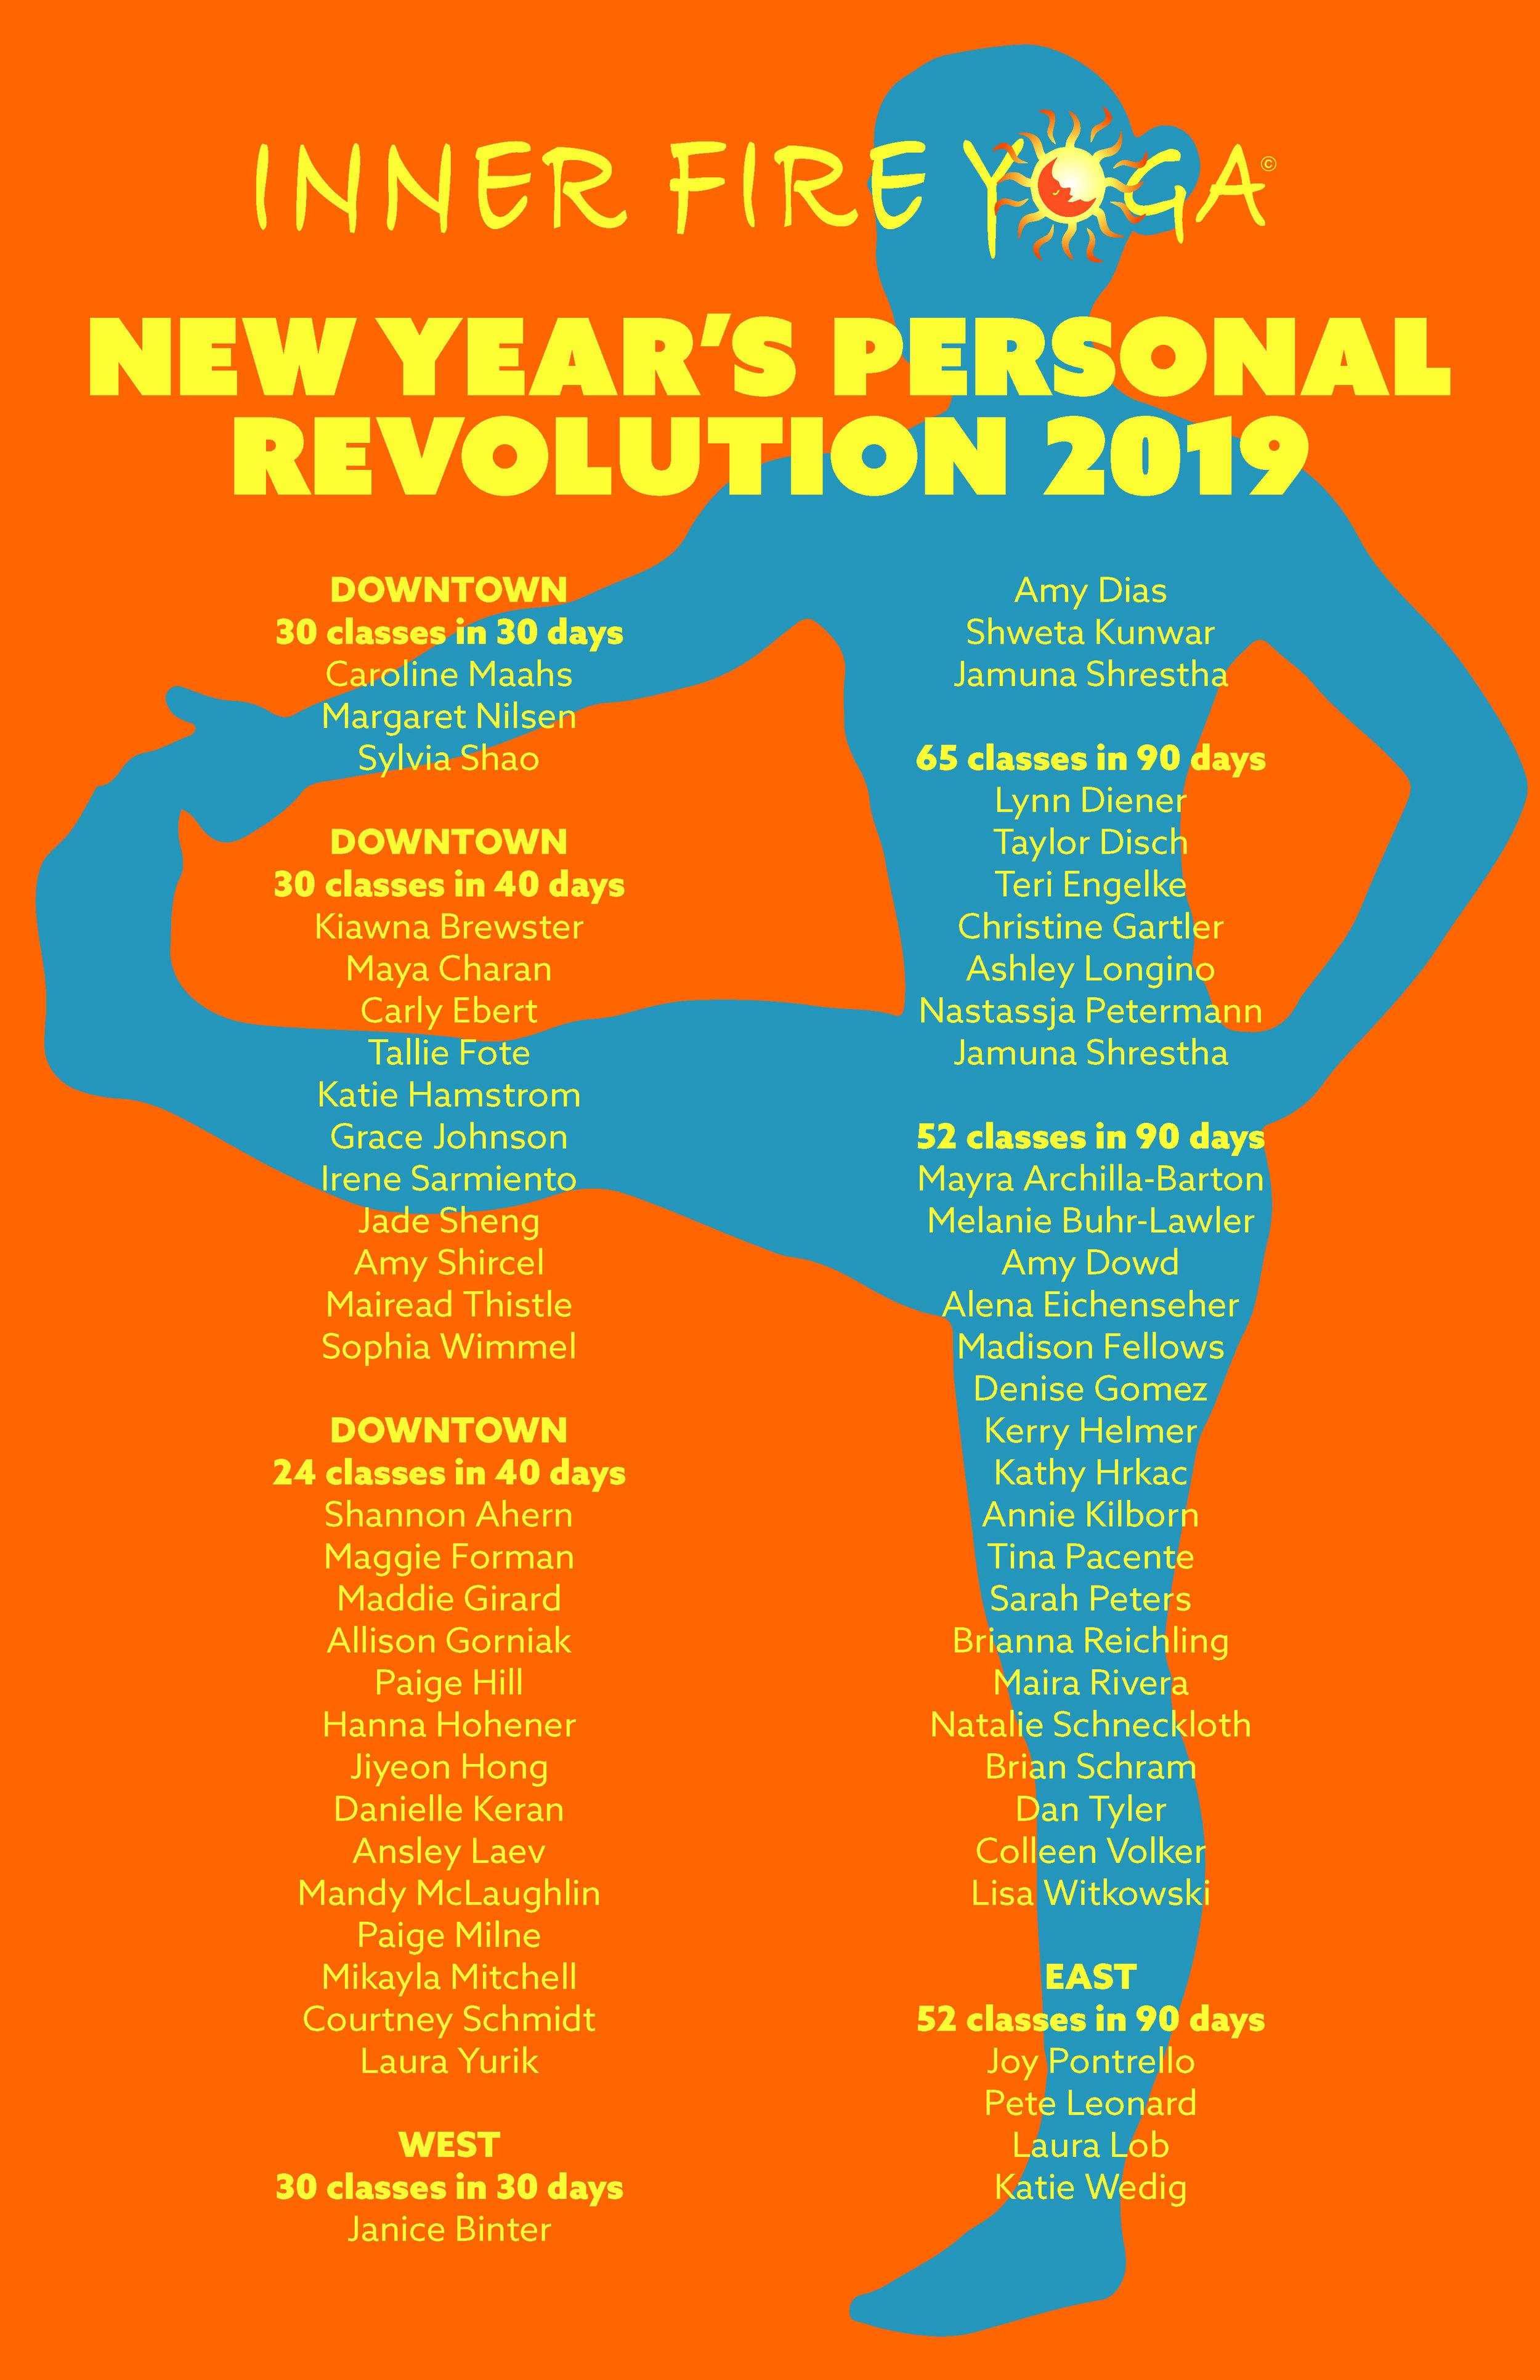 19-5-15 revolution wall poster.jpg